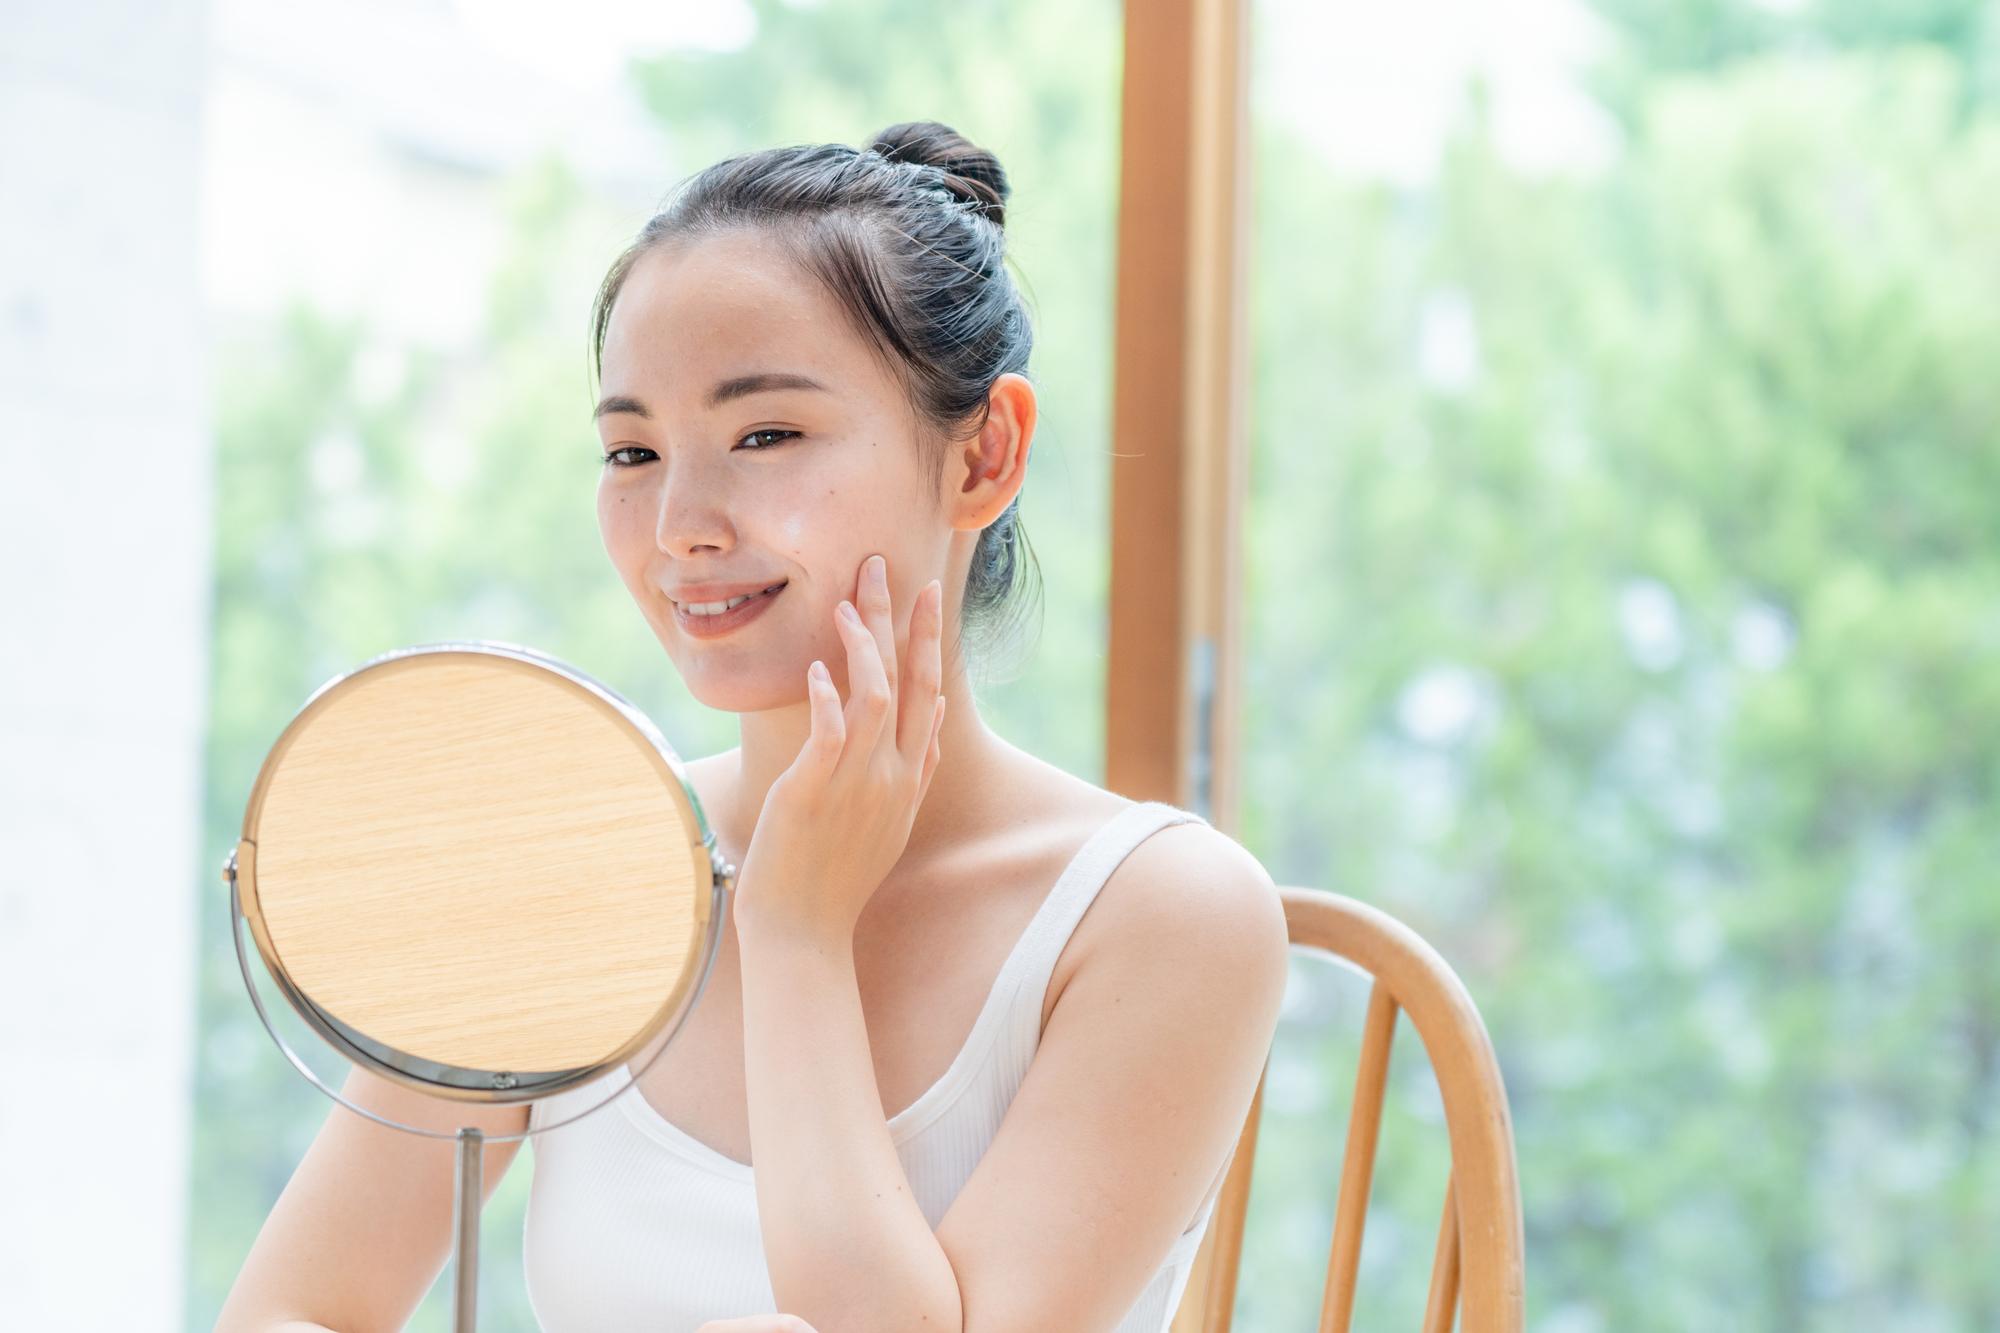 乾燥肌がニキビの原因?大人ニキビのスキンケアにおすすめ保湿化粧品3選